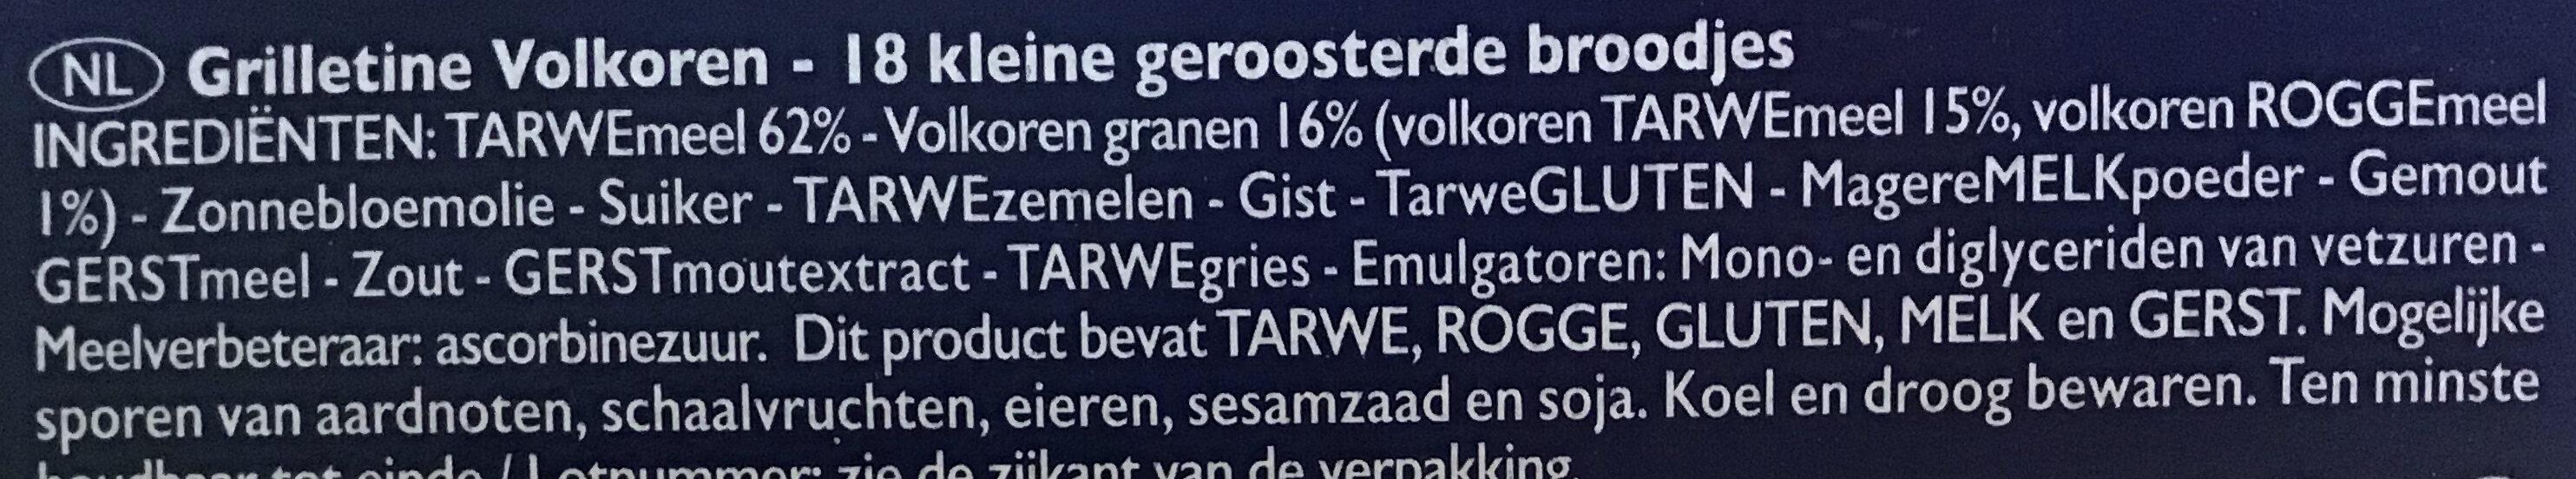 Wholemeal wheat Grilletine - Ingrediënten - nl